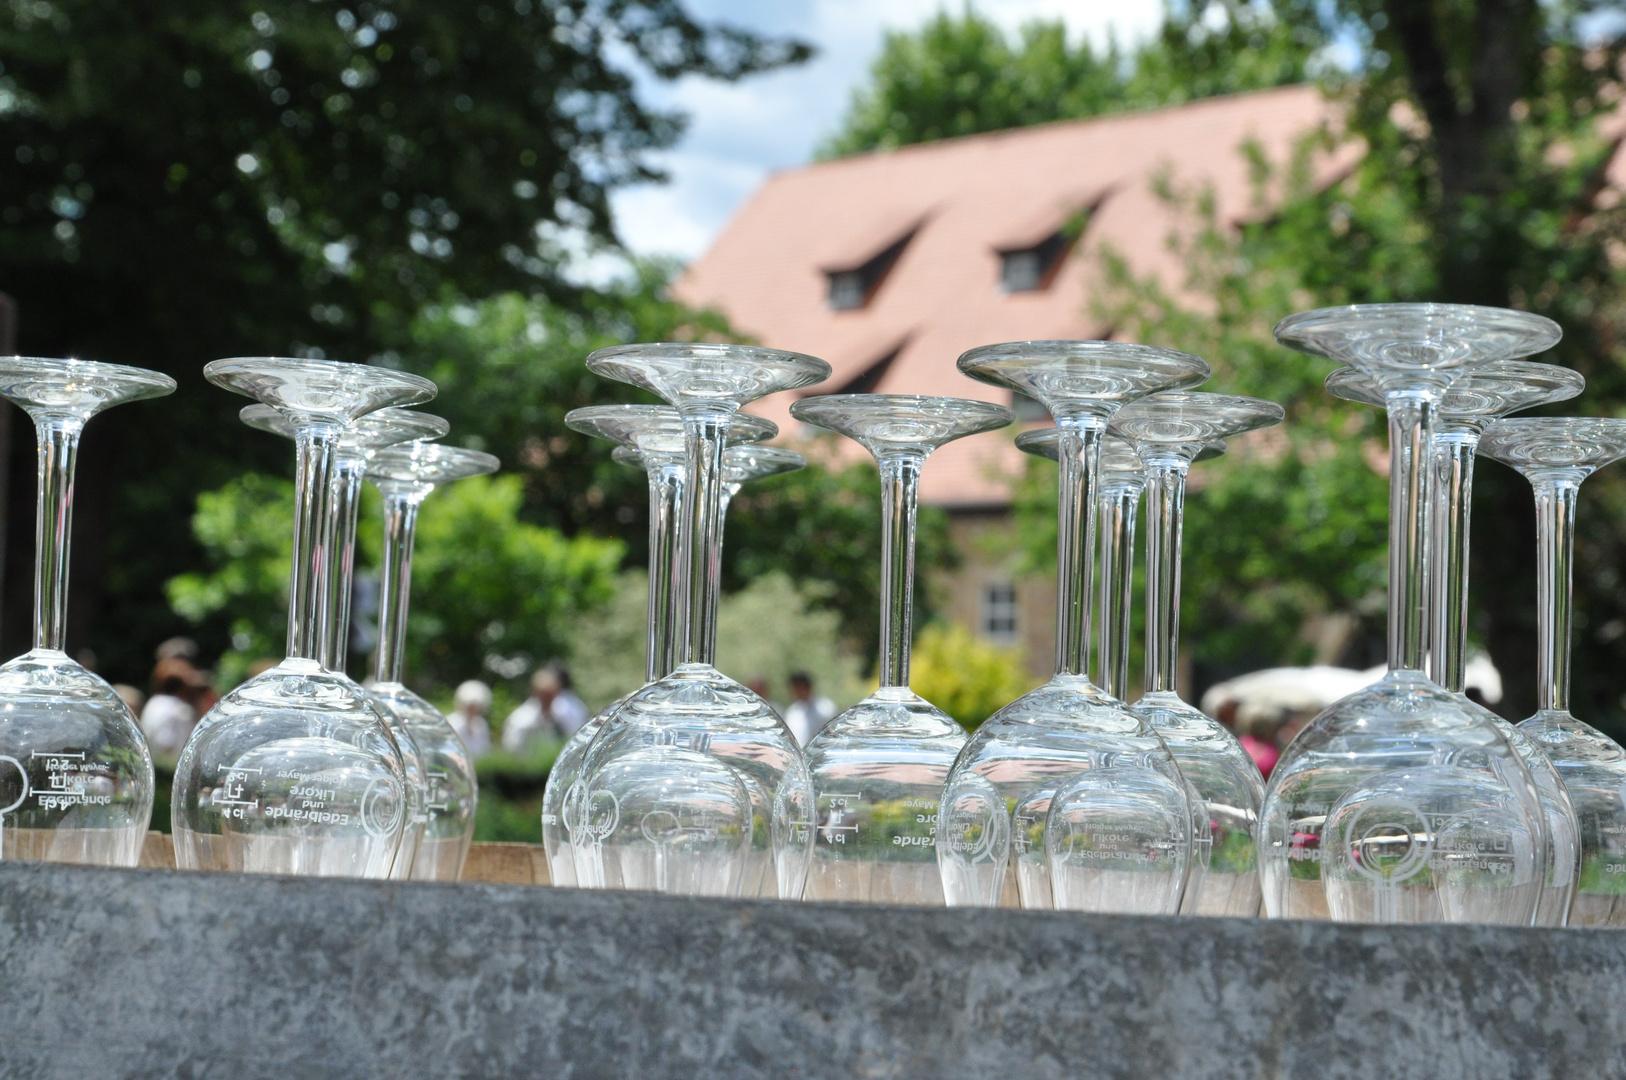 Markt der Genüsse, Mussbach ....ohne woi geht garnix